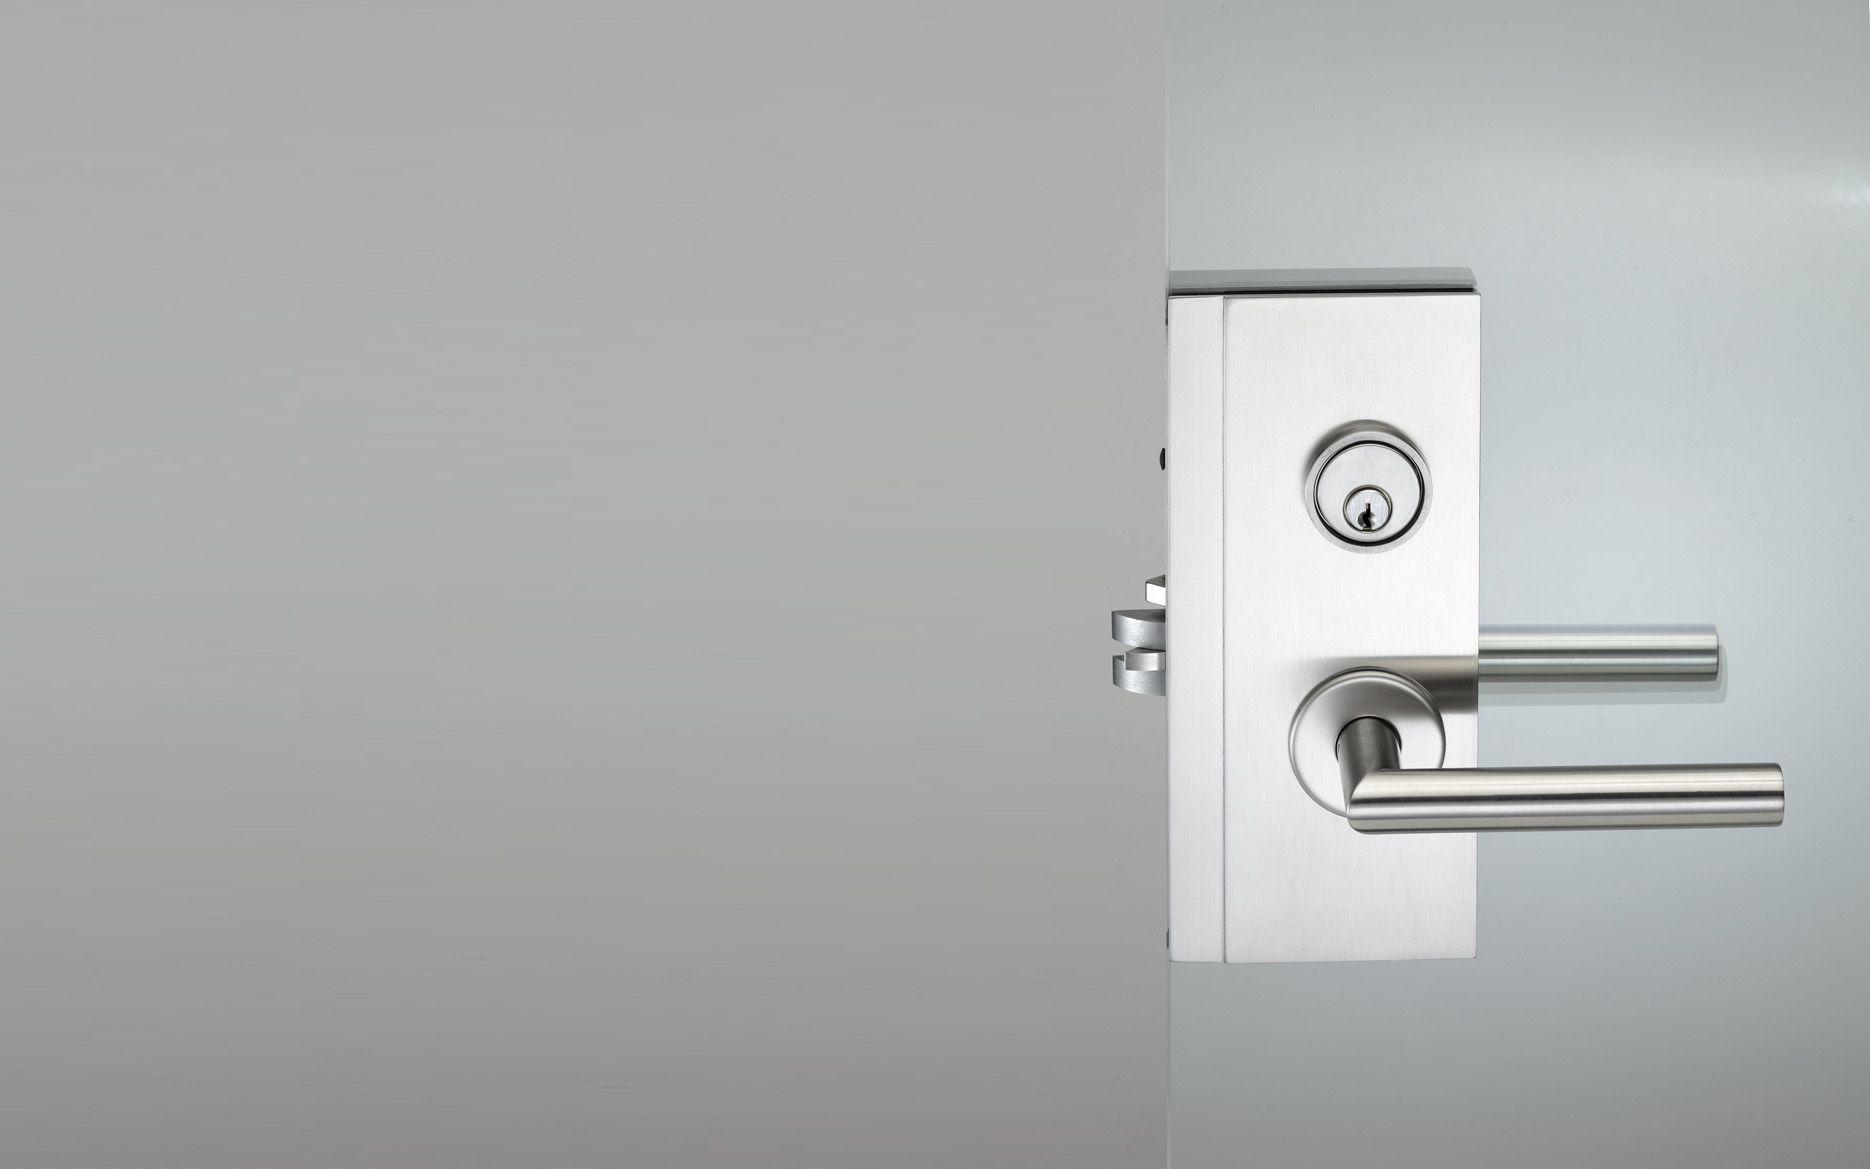 Pba Stainless Steel Mortise Lock Case For Glass Doors